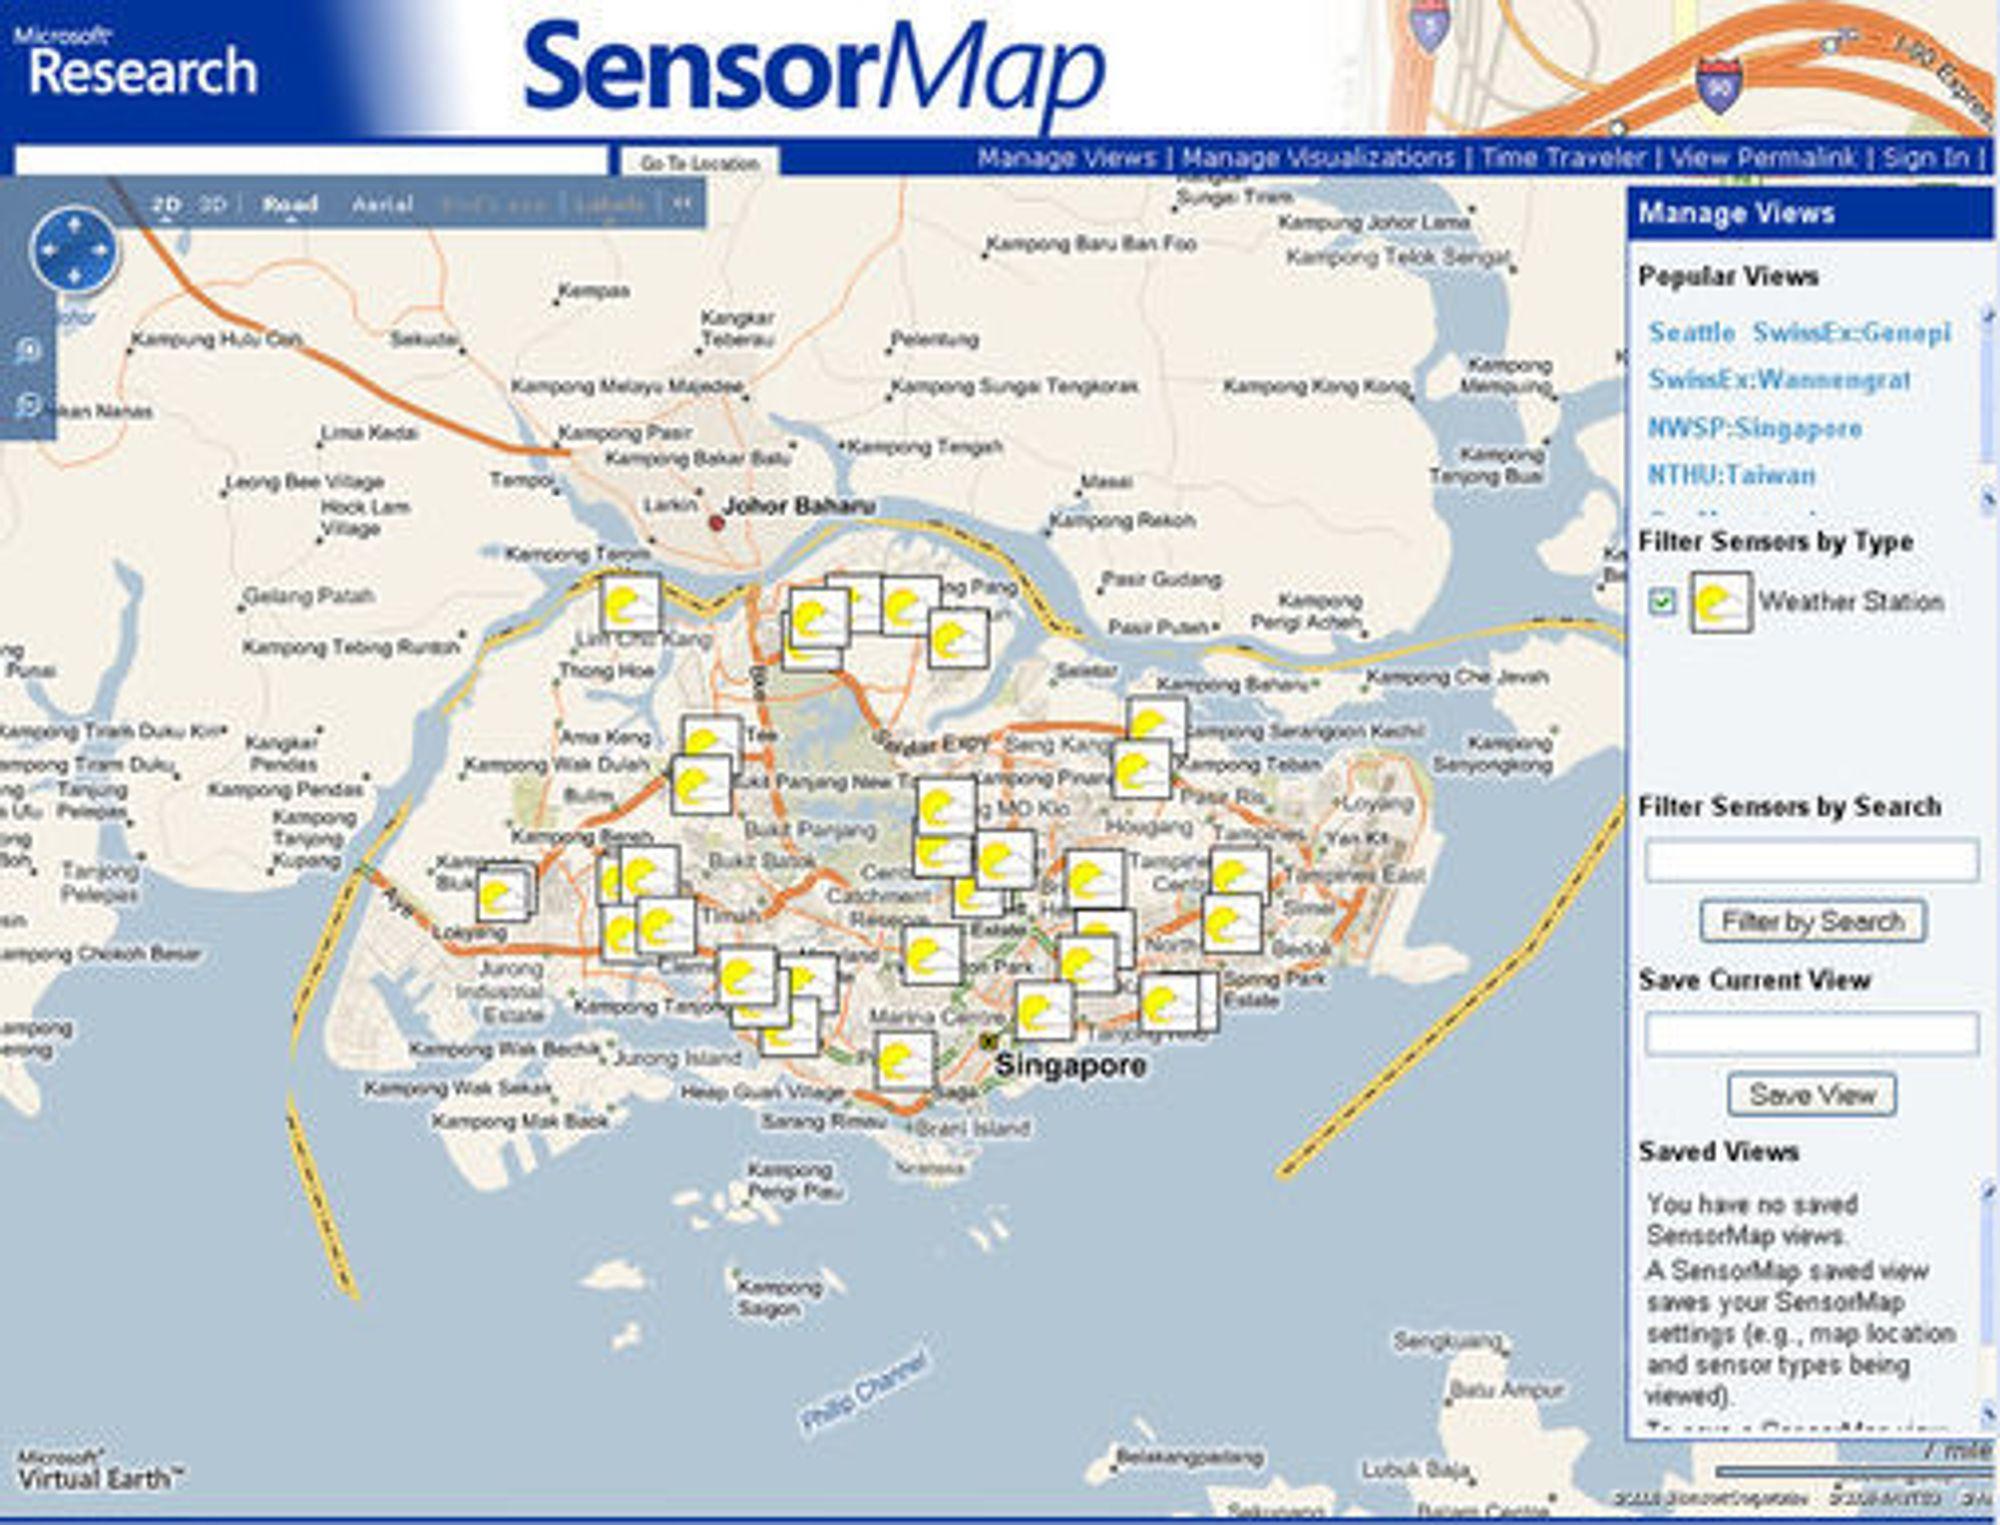 SensorMap - værstasjoner i Singapore